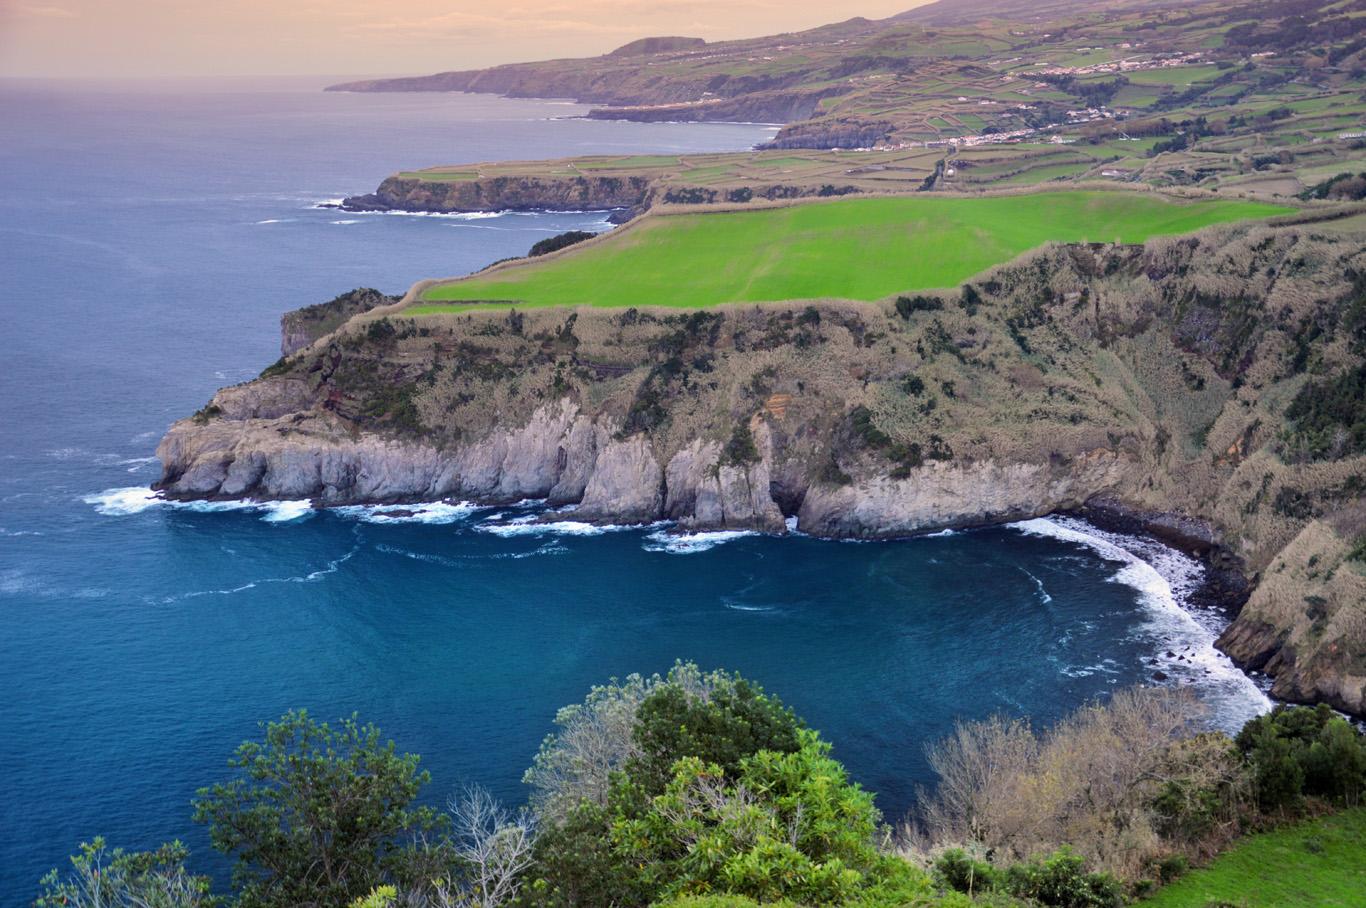 Santa Iria Viewpoint